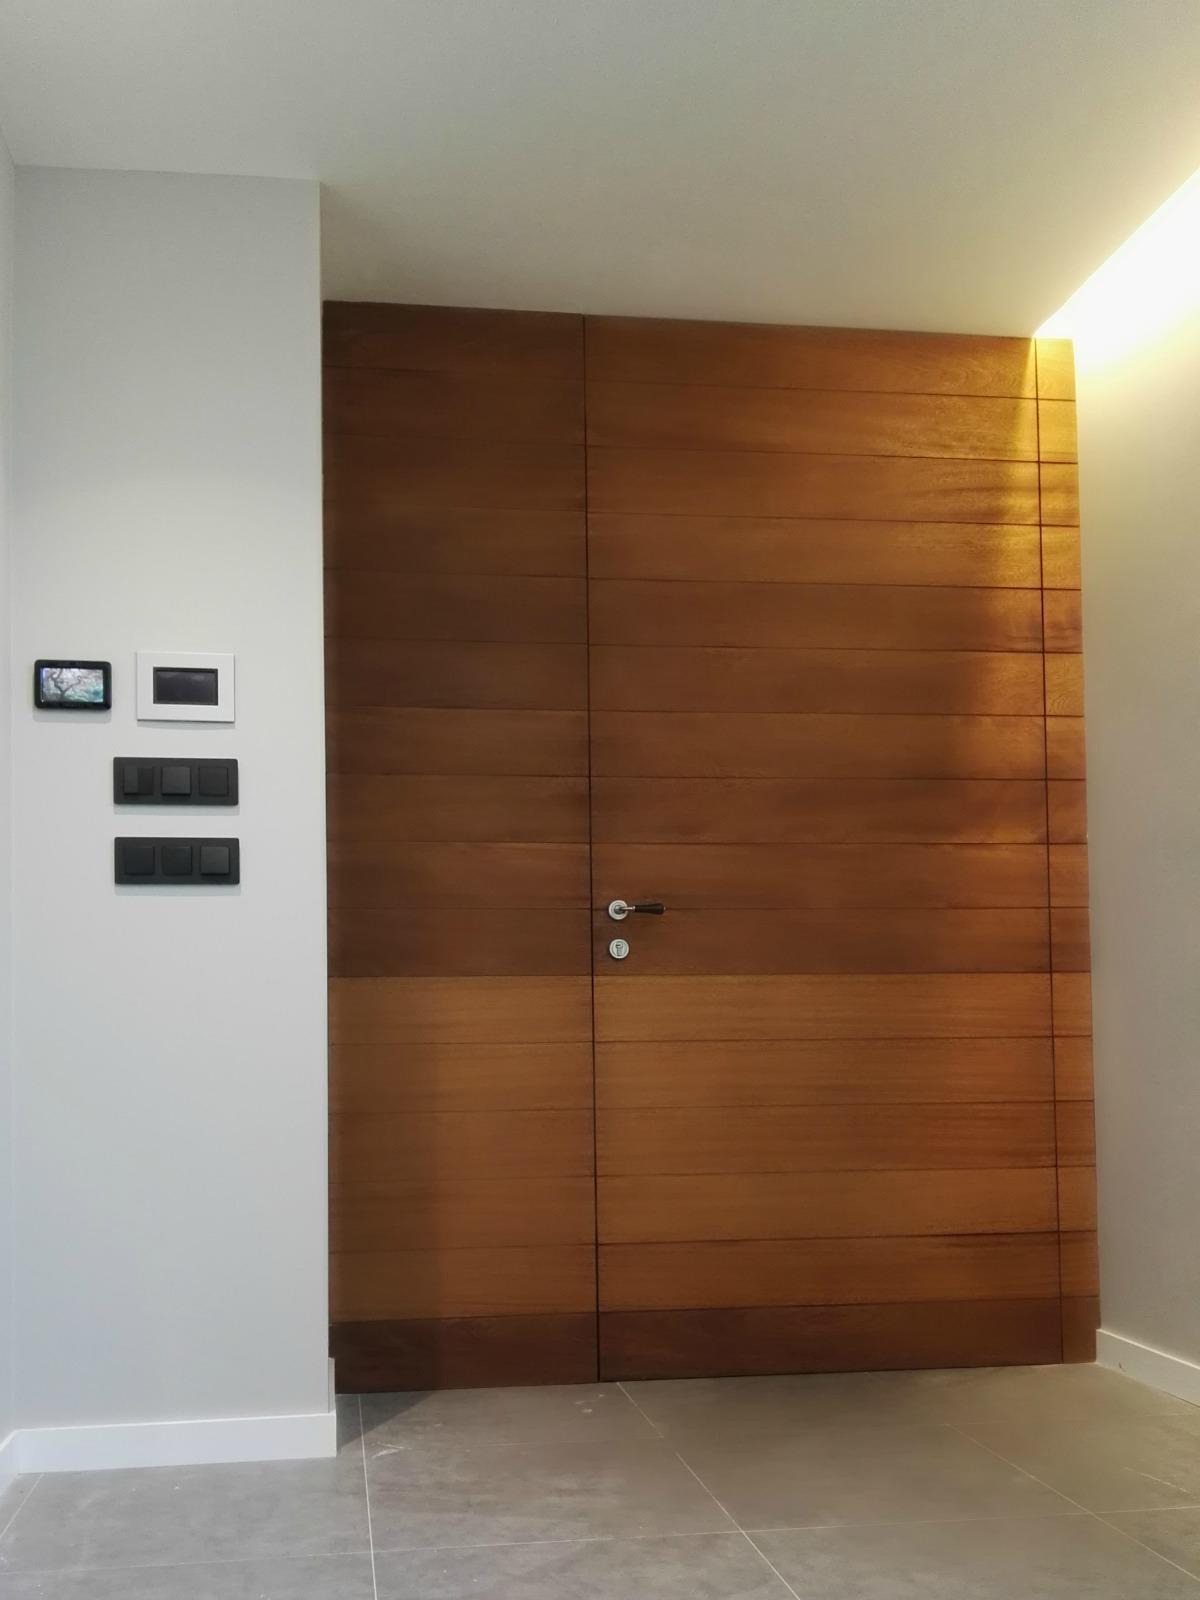 Puertas de entrada de madera modernas catlogo de puertas for Puertas de madera entrada principal modernas